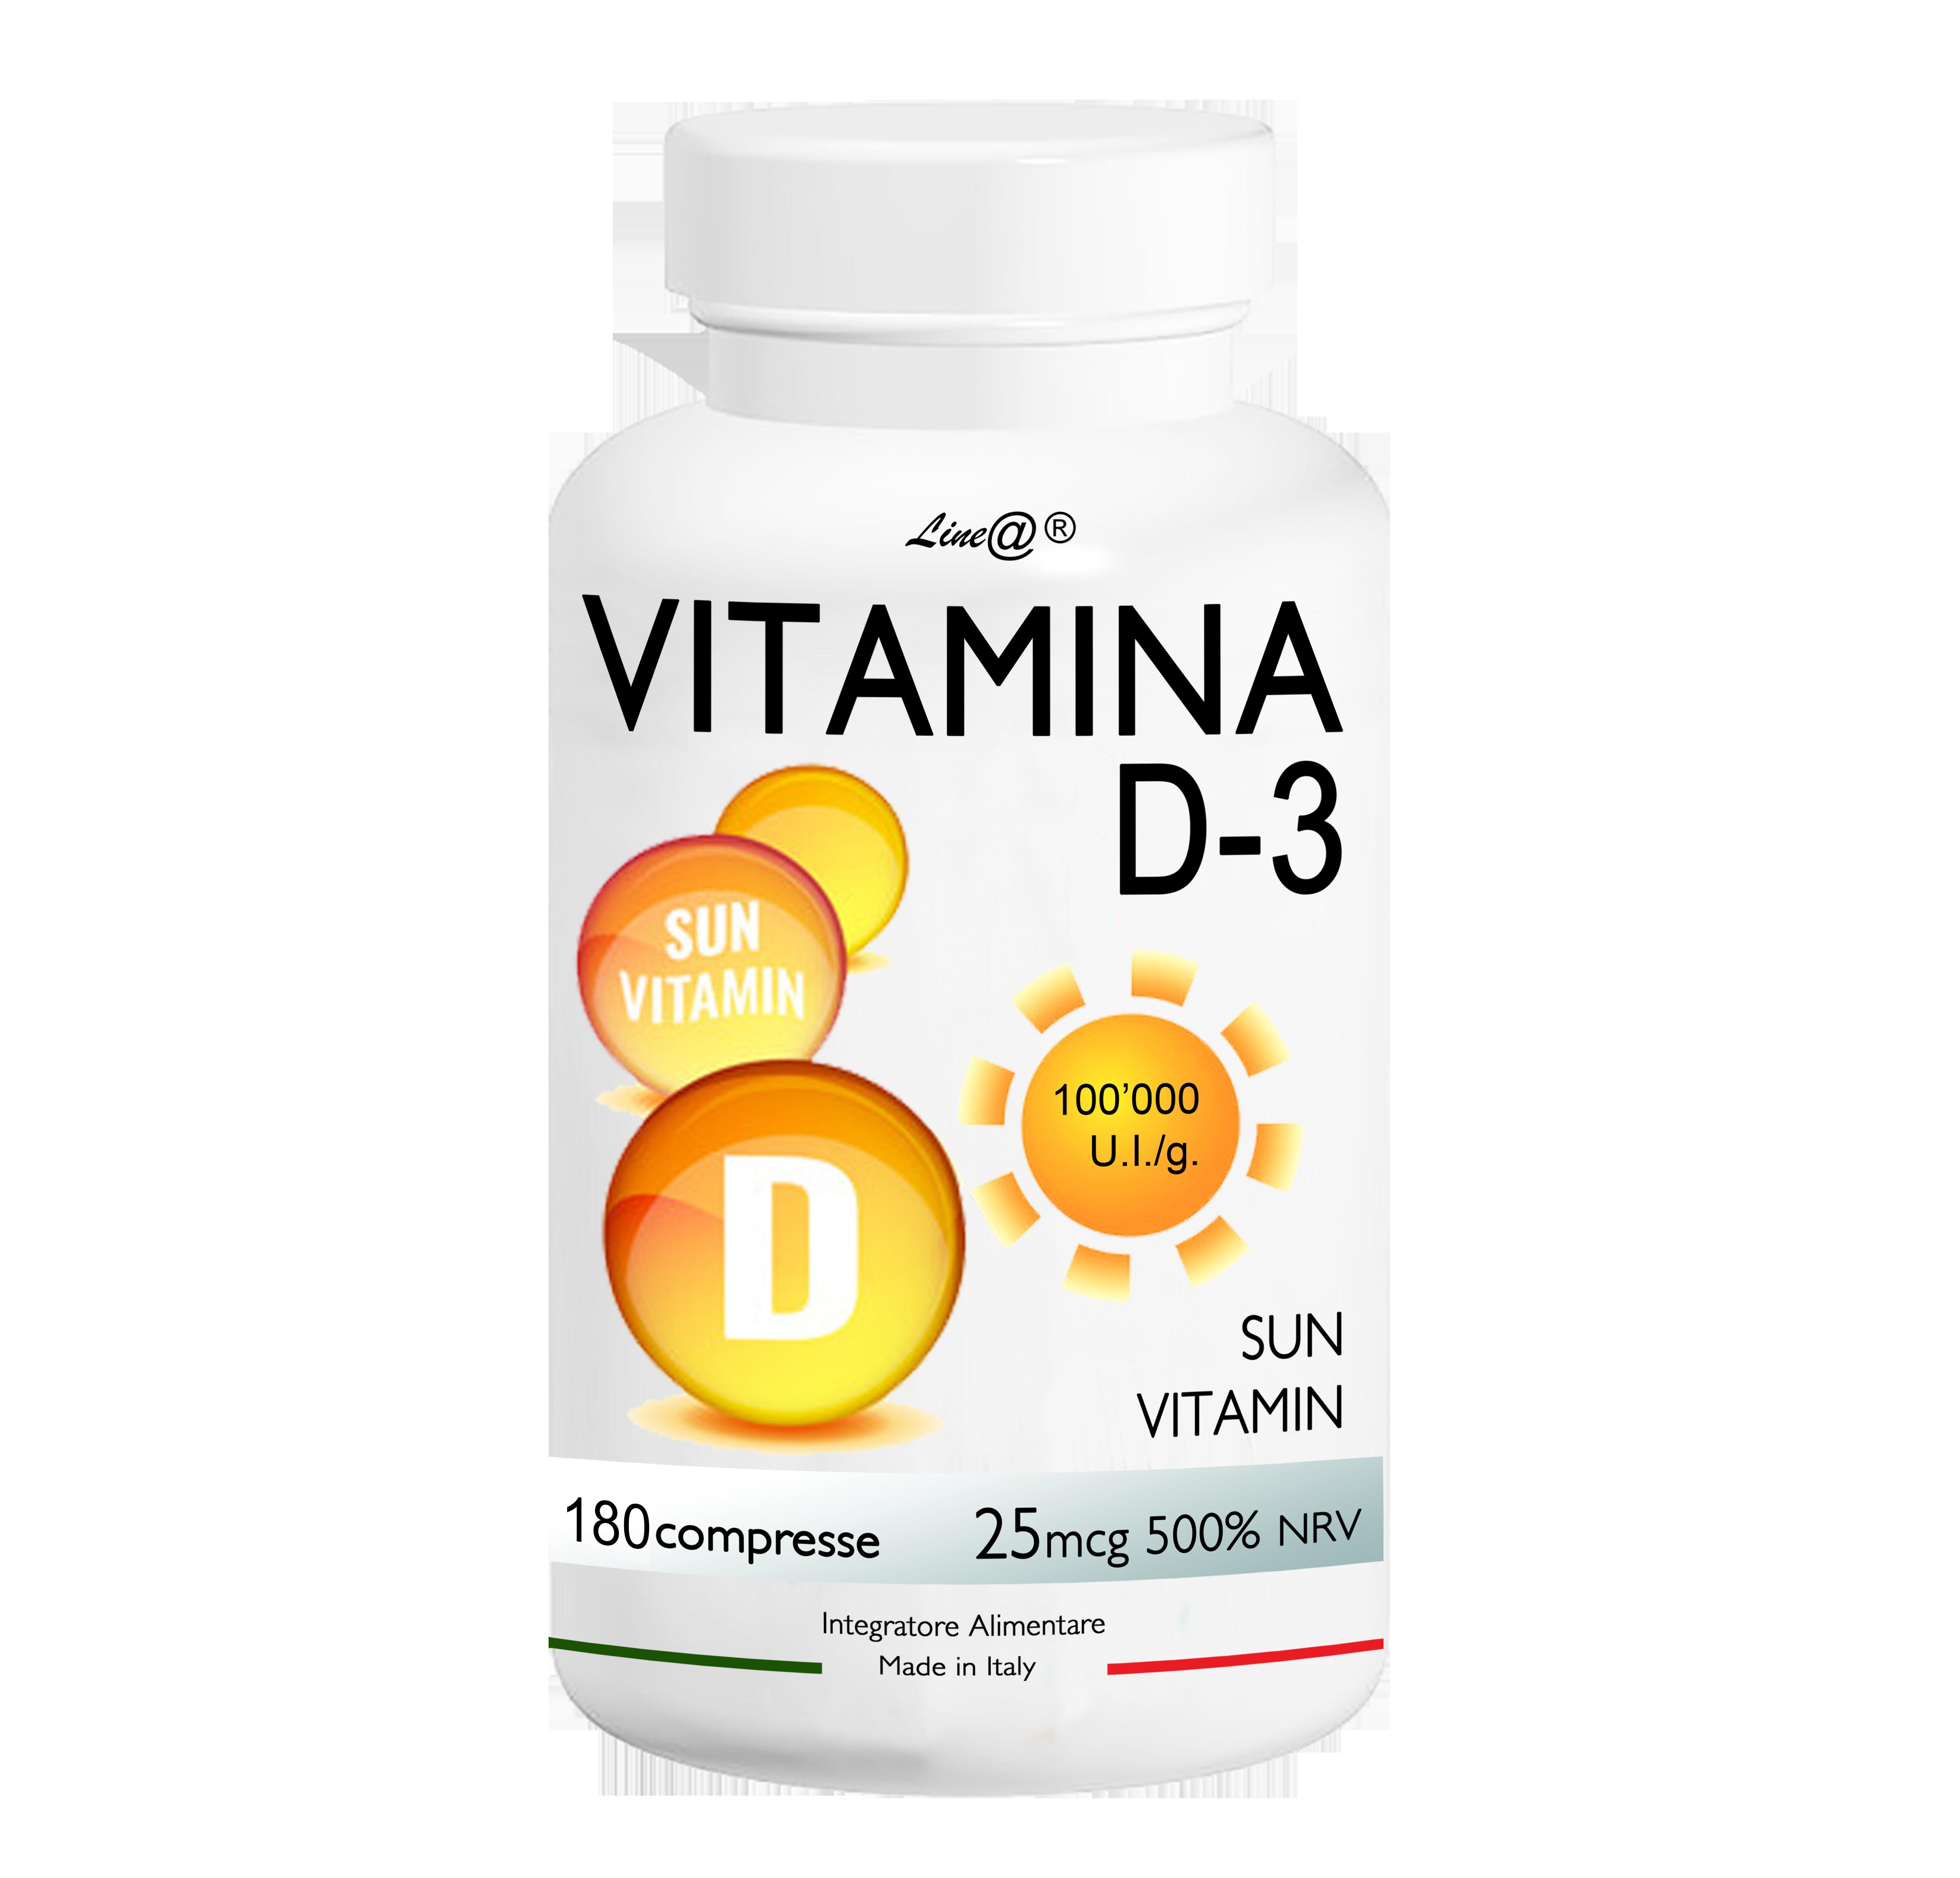 9 malattie che indicano una carenza di vitamina D nel corpo